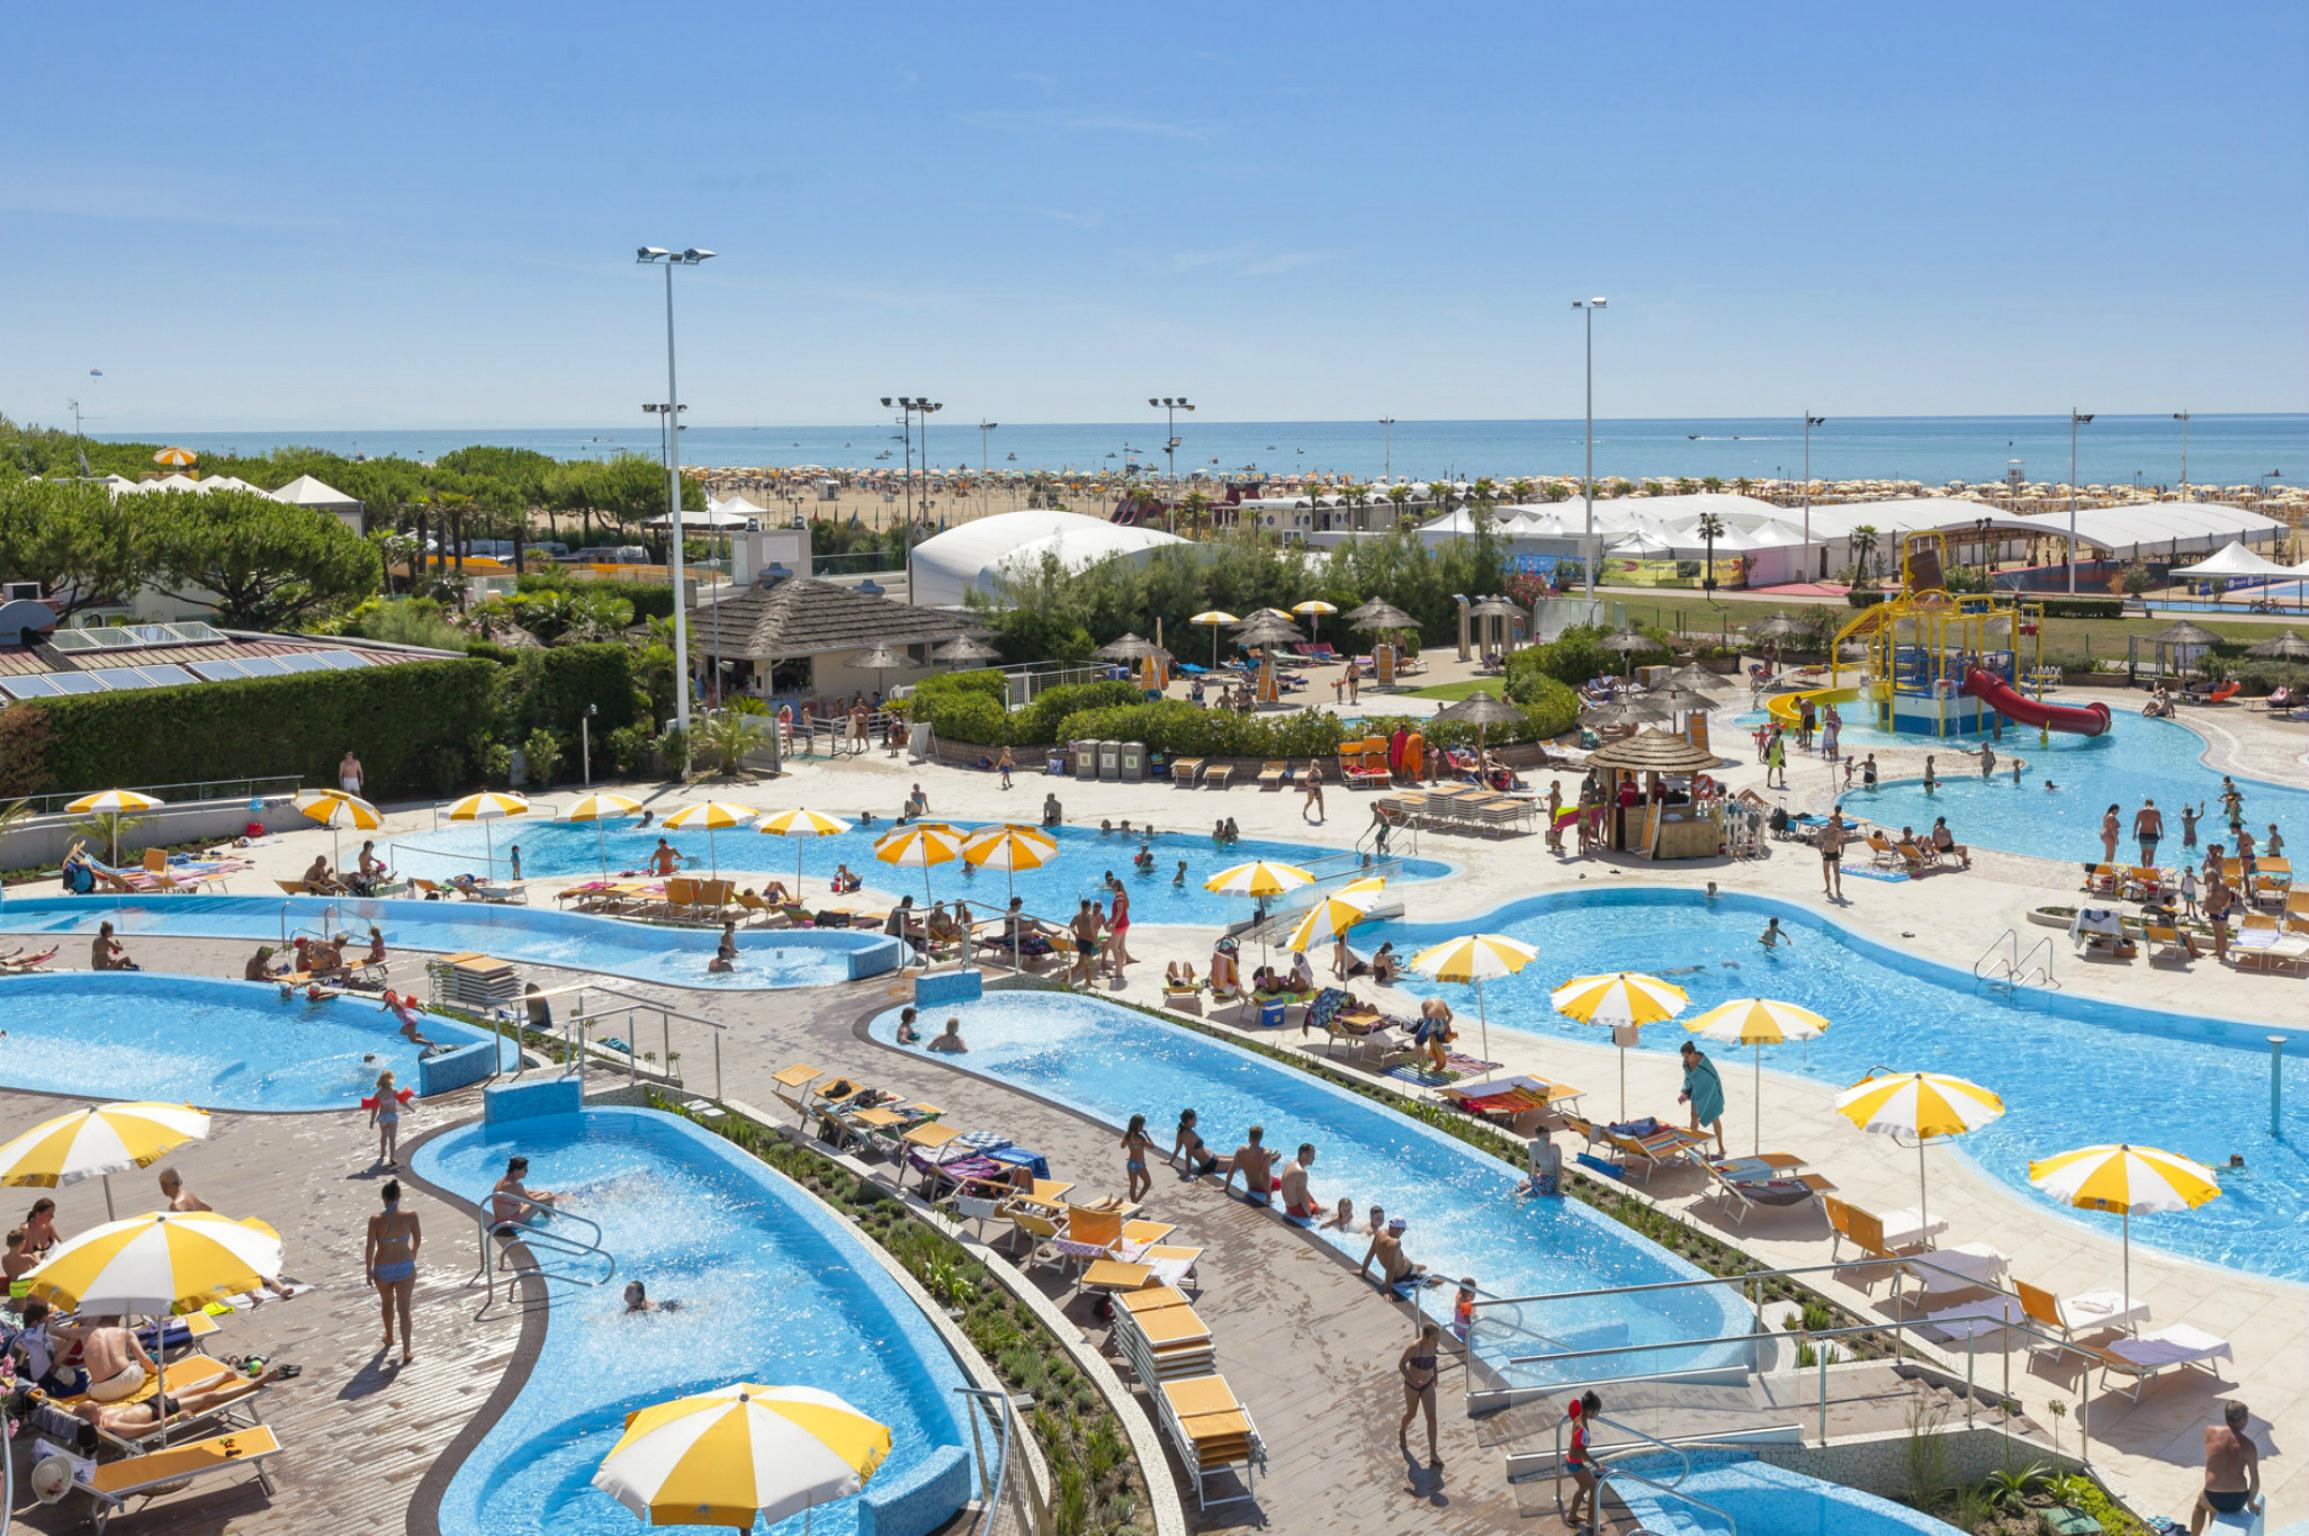 Villaggio turistico internazionale villaggio per bambini al mare a bibione its4kids - Piscina bambini roma ...